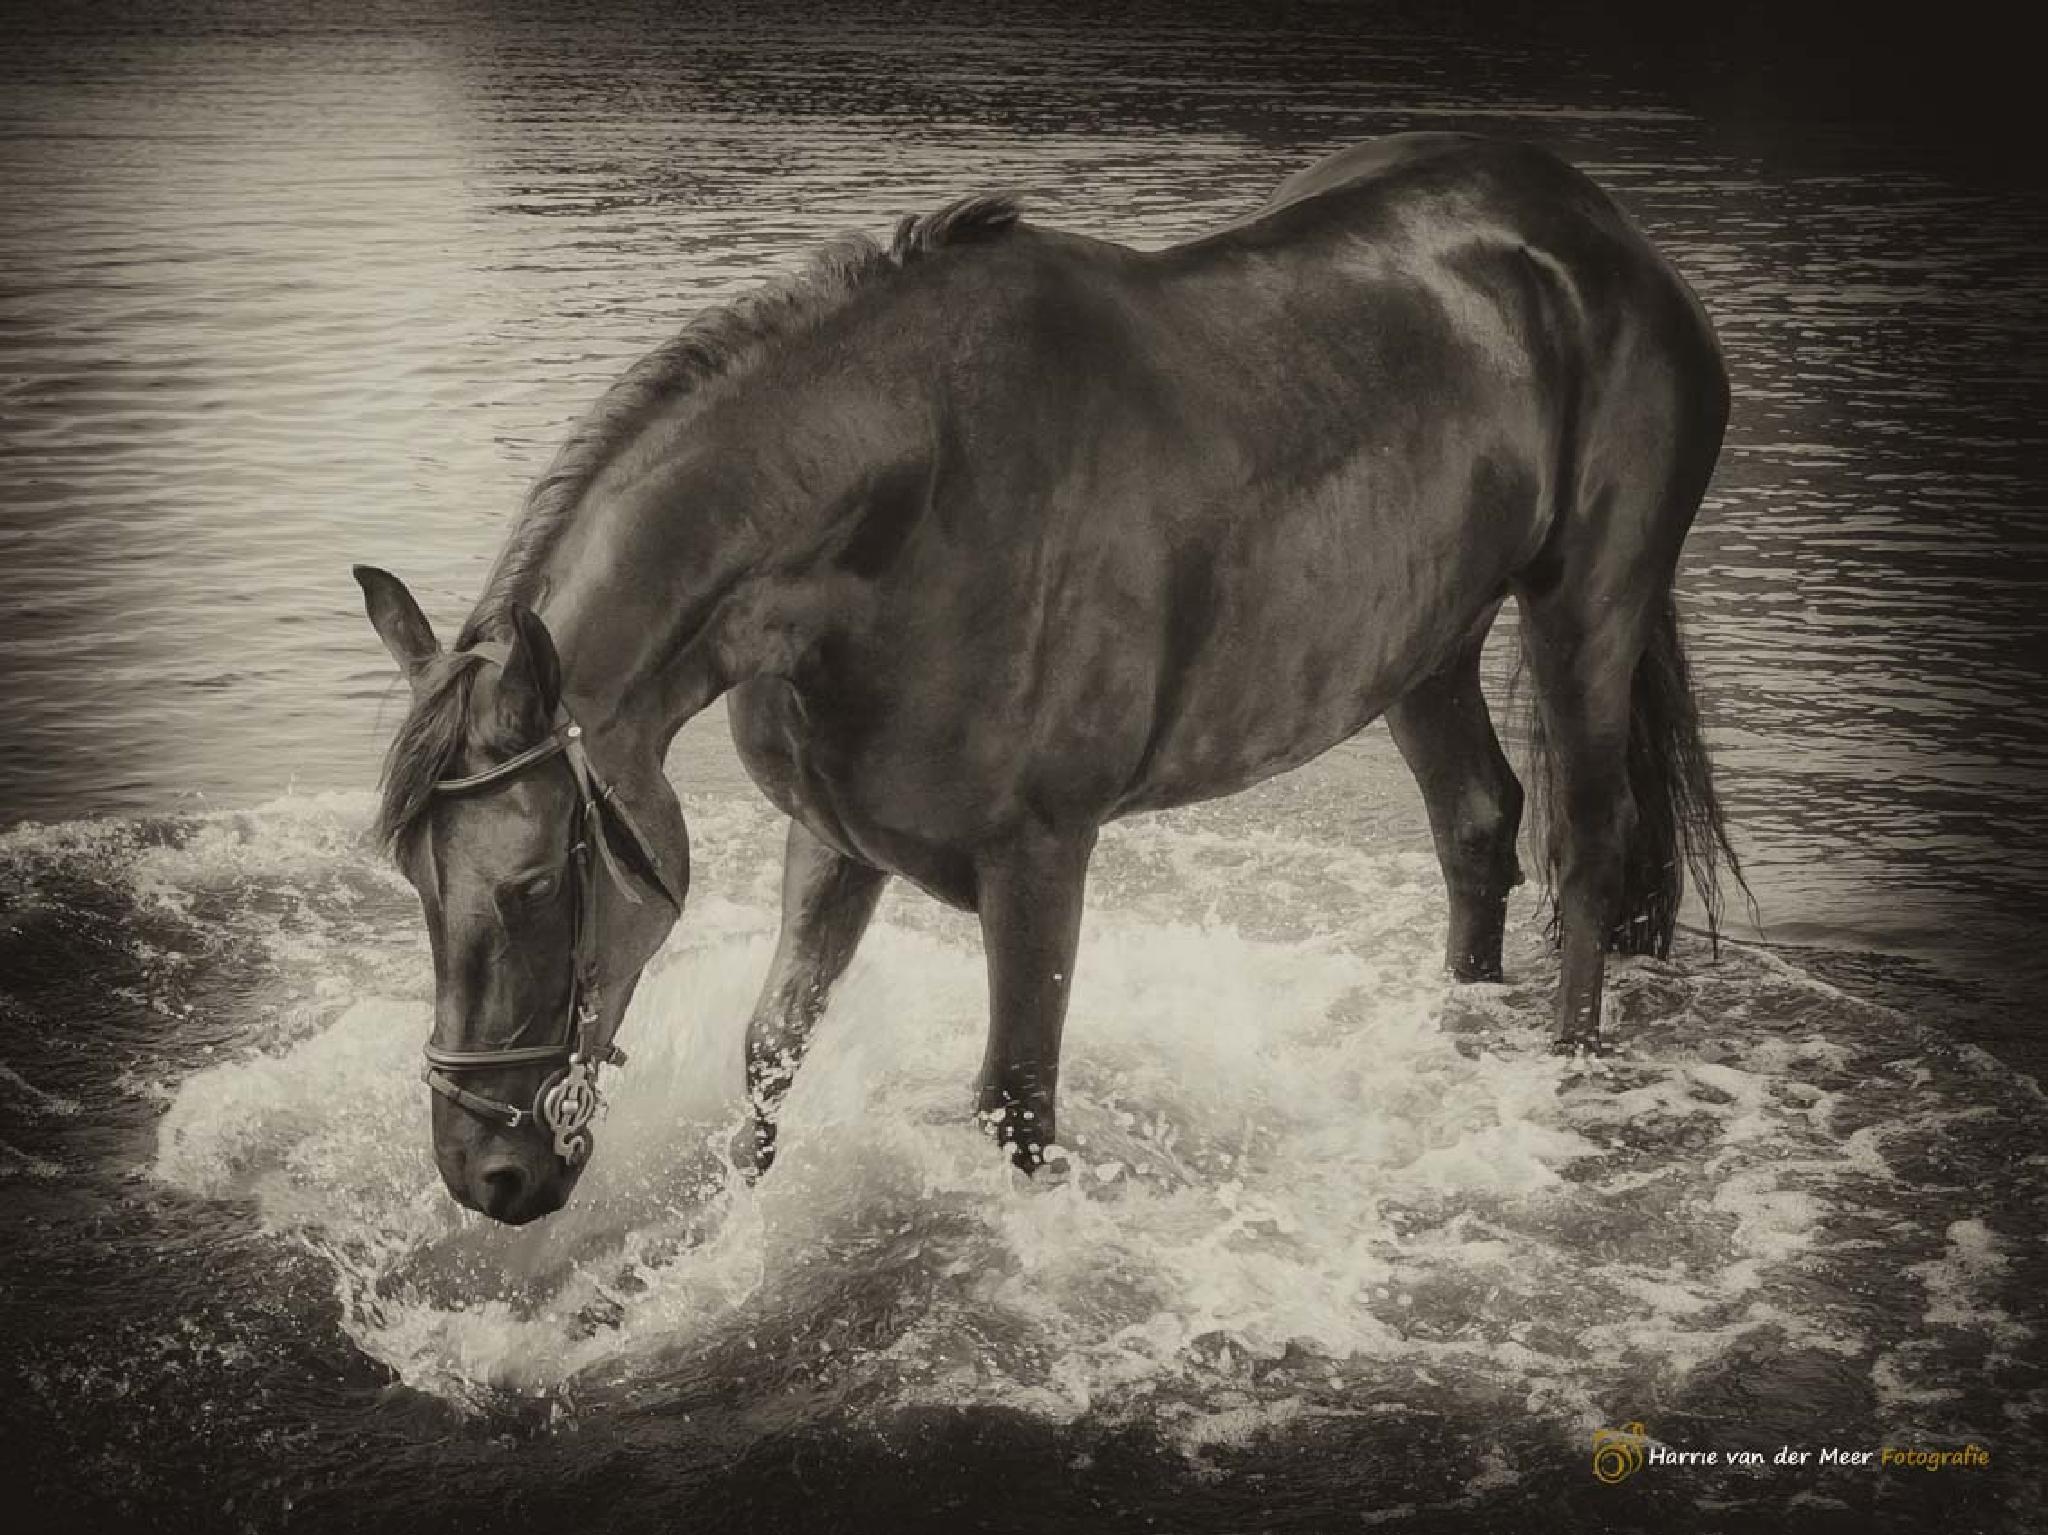 Waterfun by Harrie van der Meer Fotografie